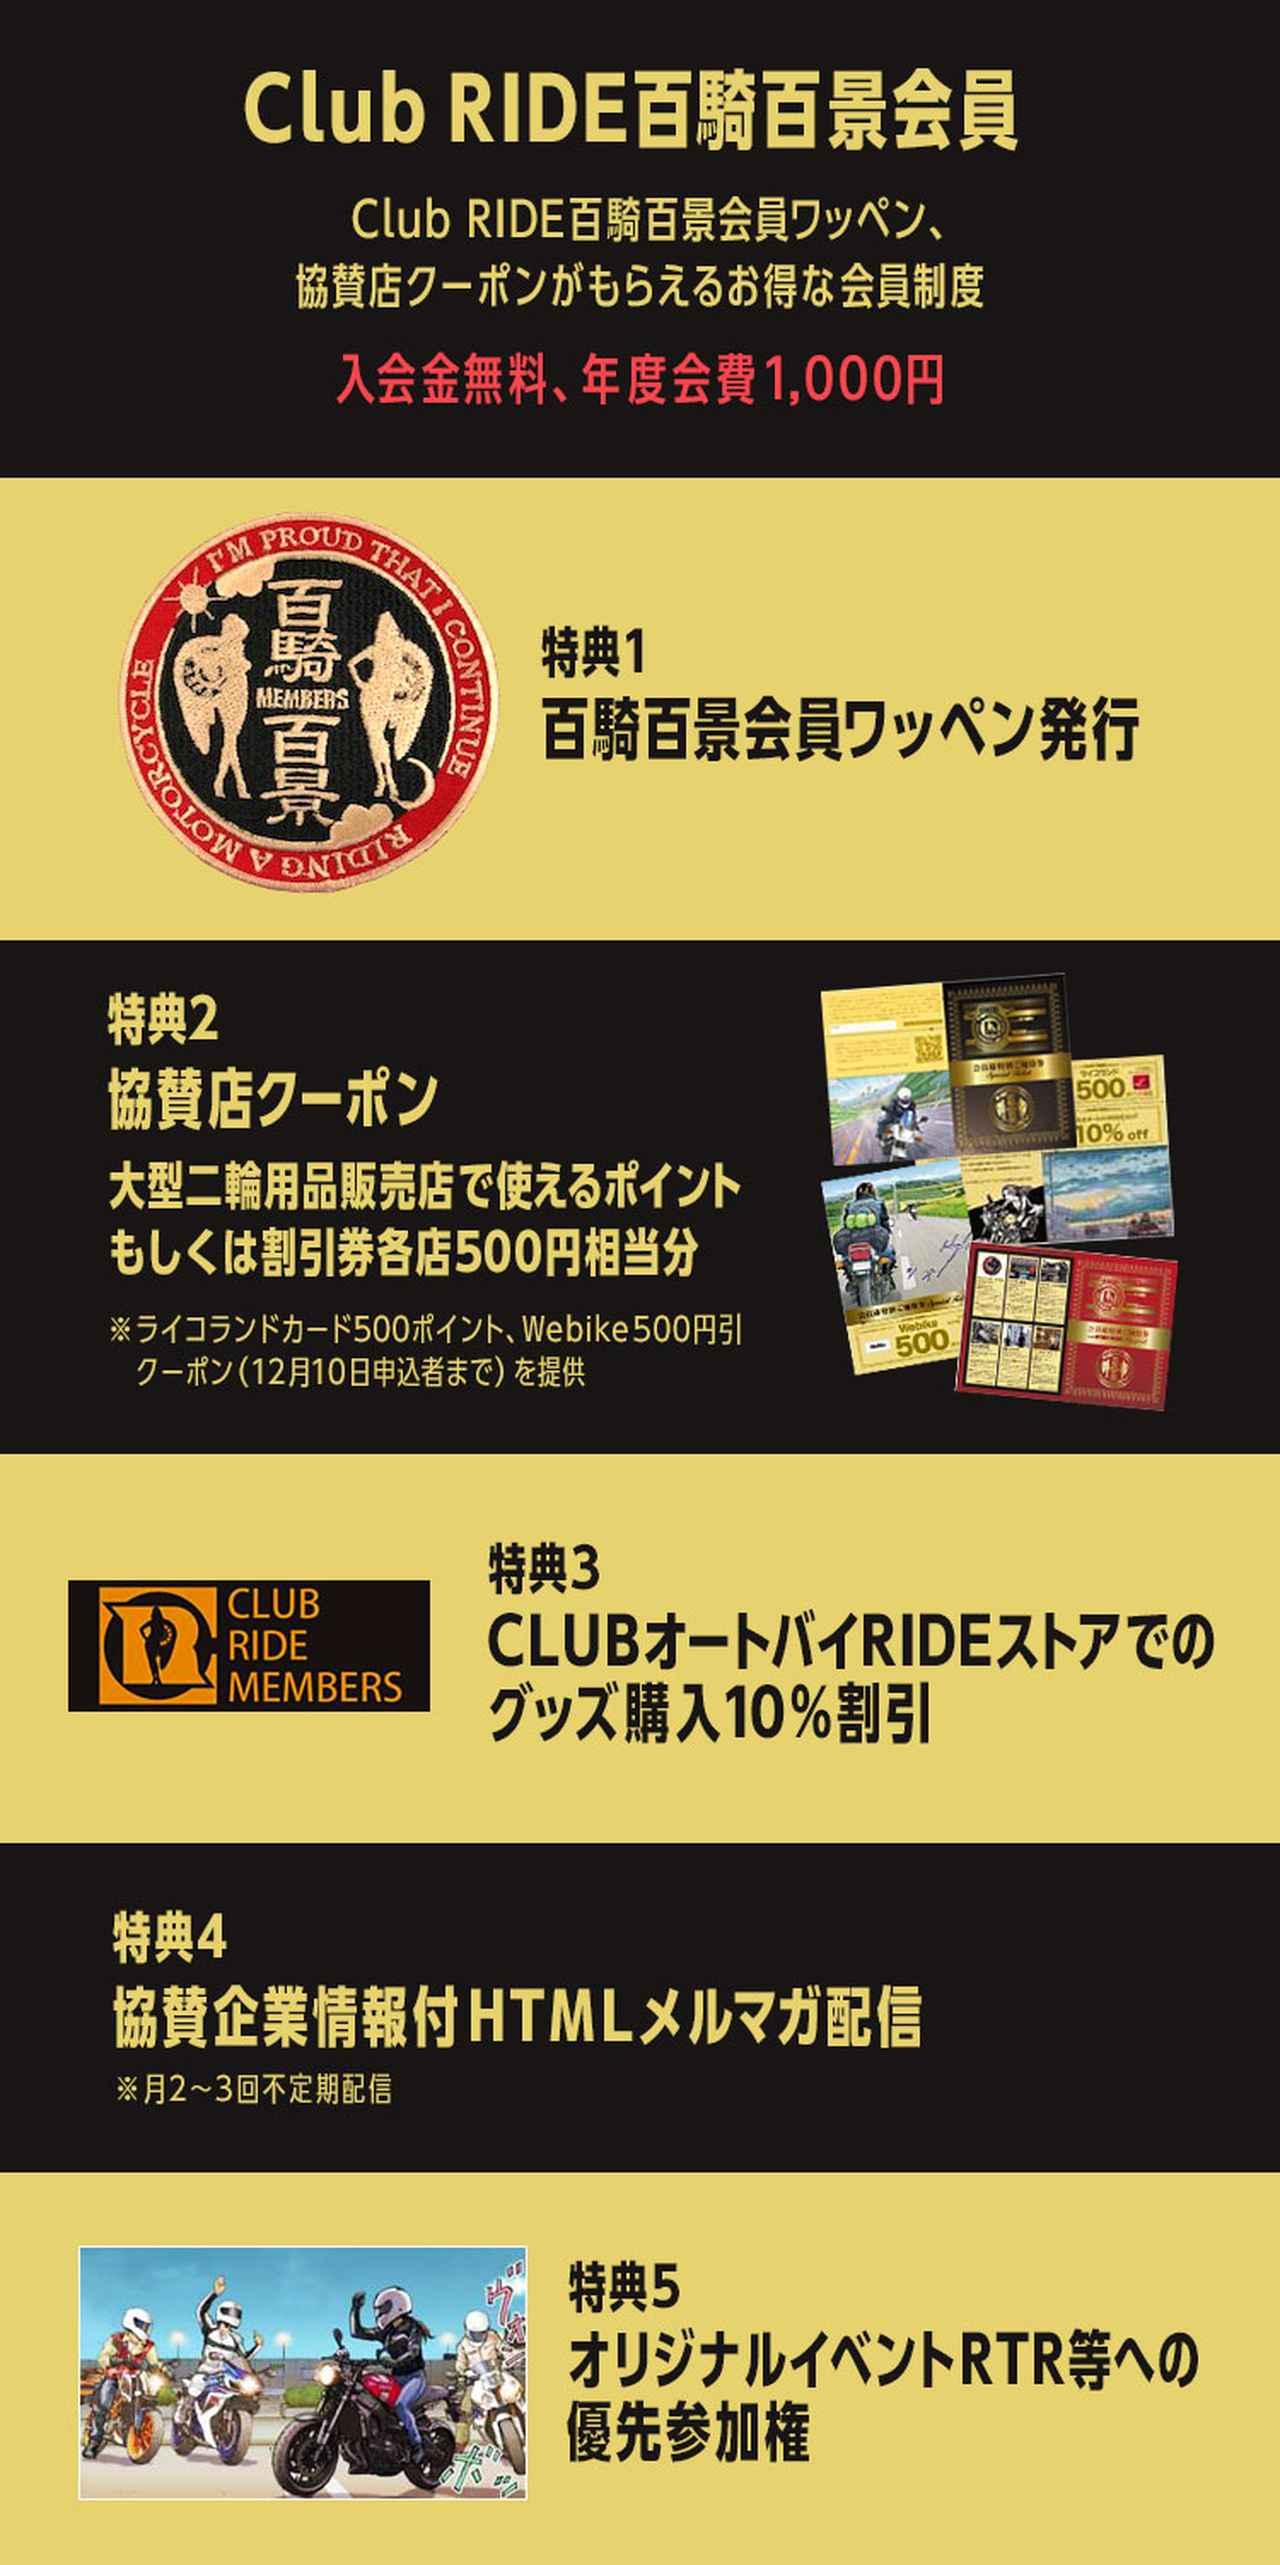 画像: Club RIDE百騎百景 申し込みページ | Fujisan.co.jpの雑誌・定期購読